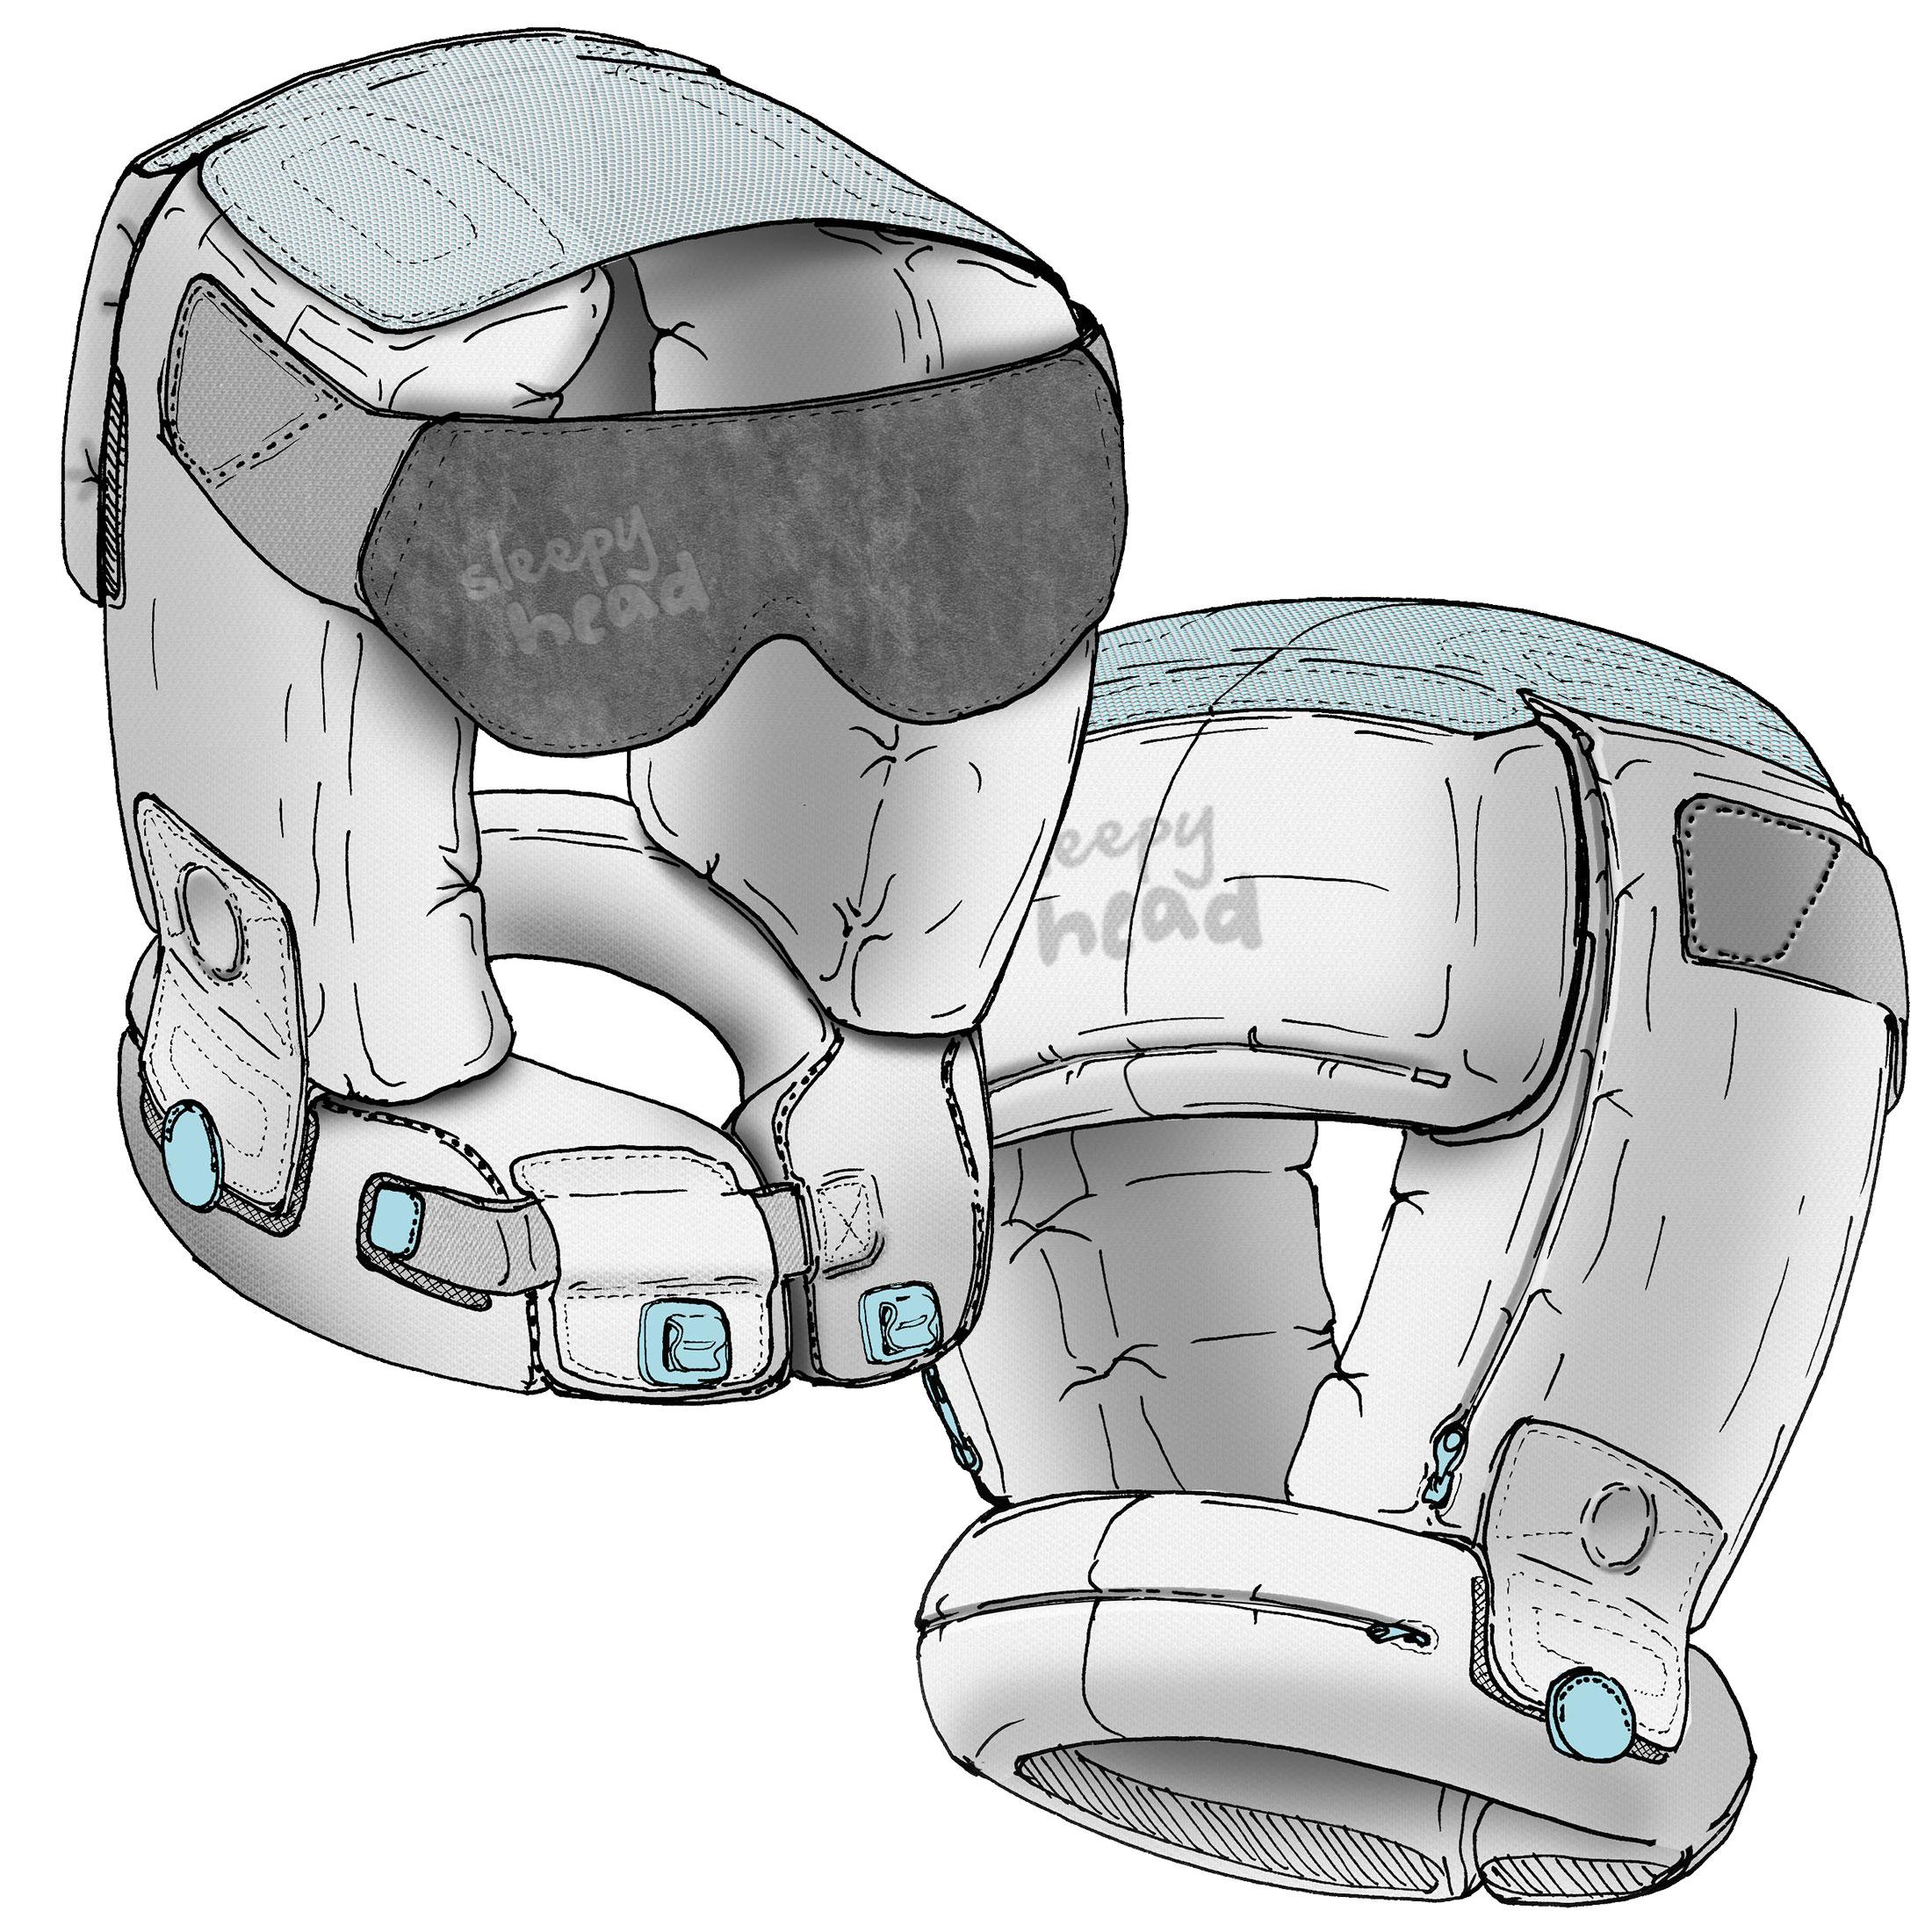 industrial design concept illustration for soft goods